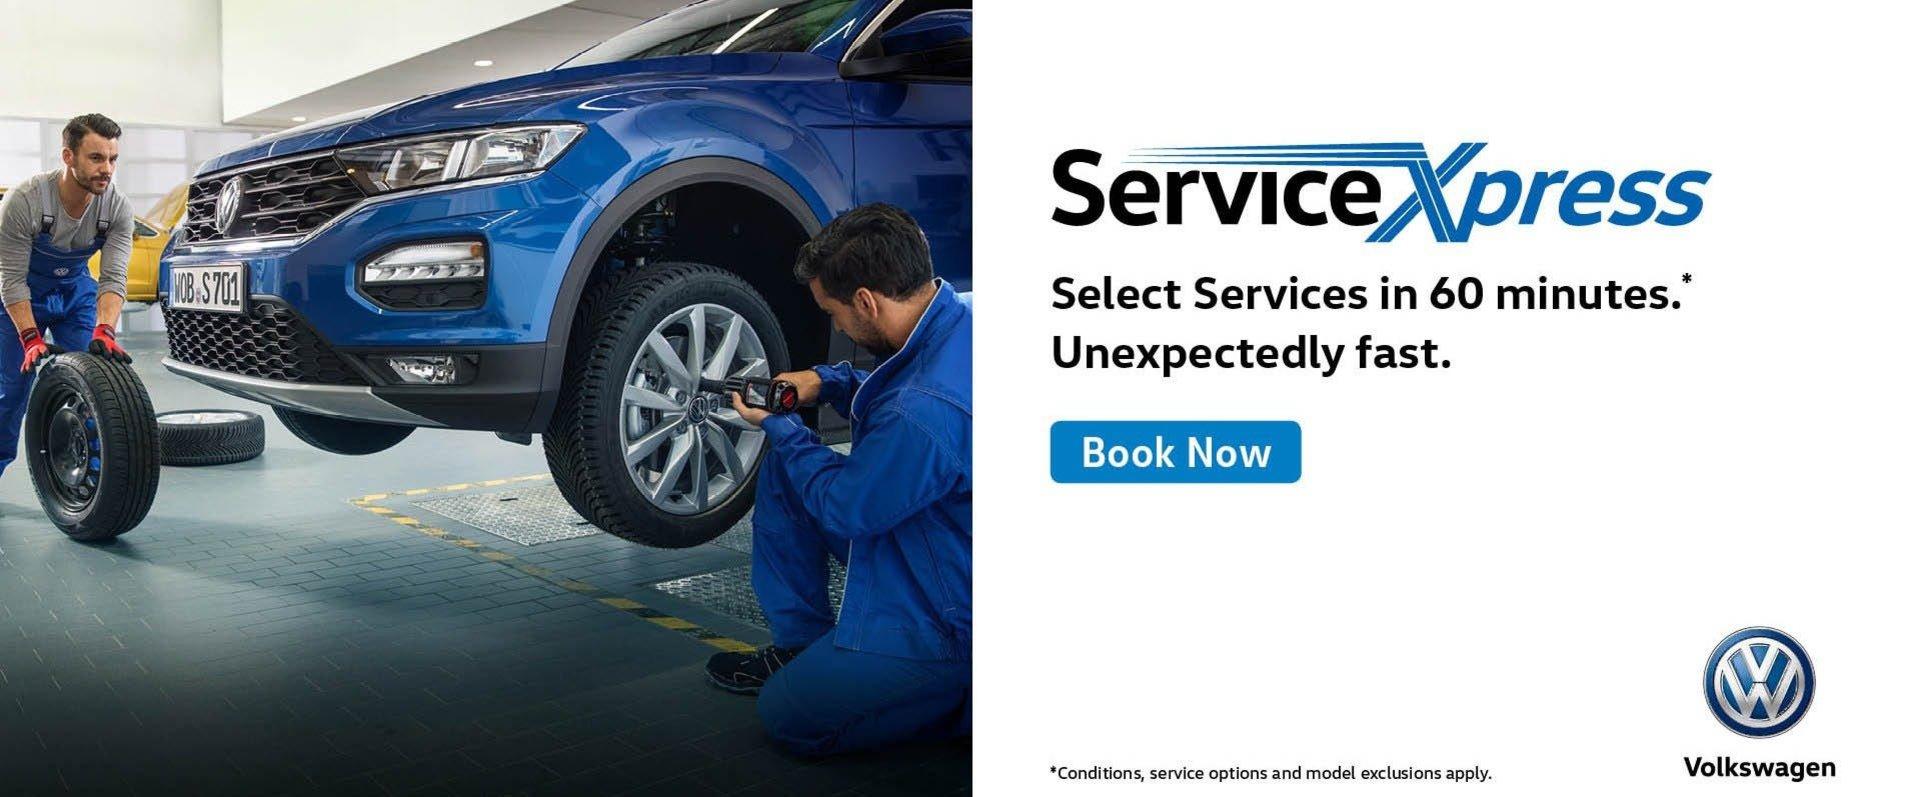 Ferntree Gully Volkswagen - Service Express